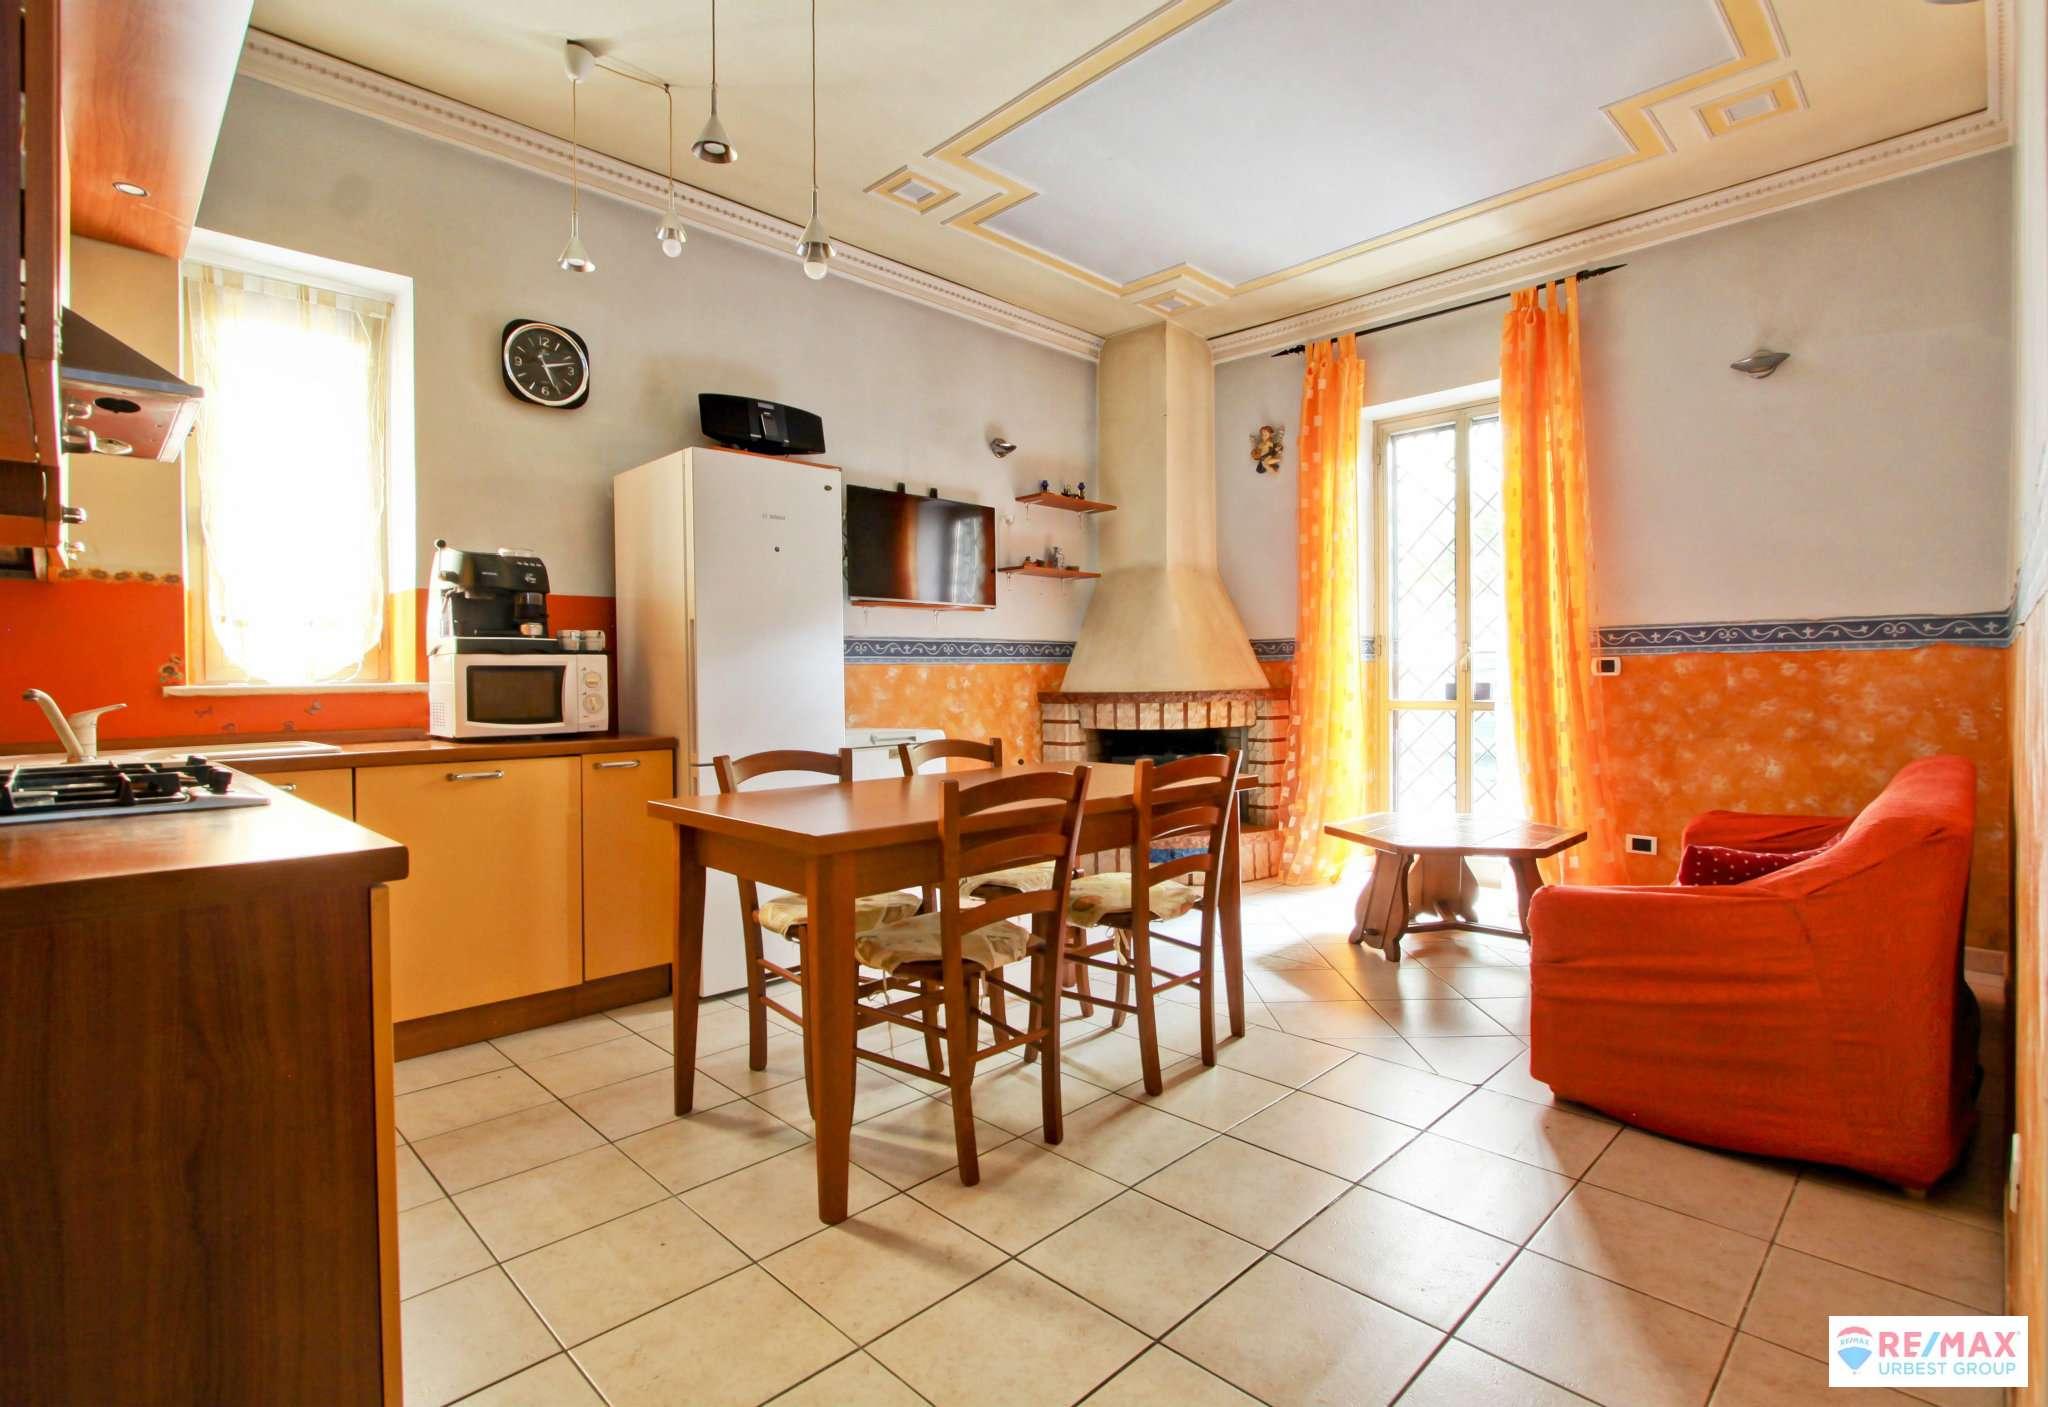 Appartamento in vendita a Guidonia Montecelio, 3 locali, prezzo € 98.000 | PortaleAgenzieImmobiliari.it